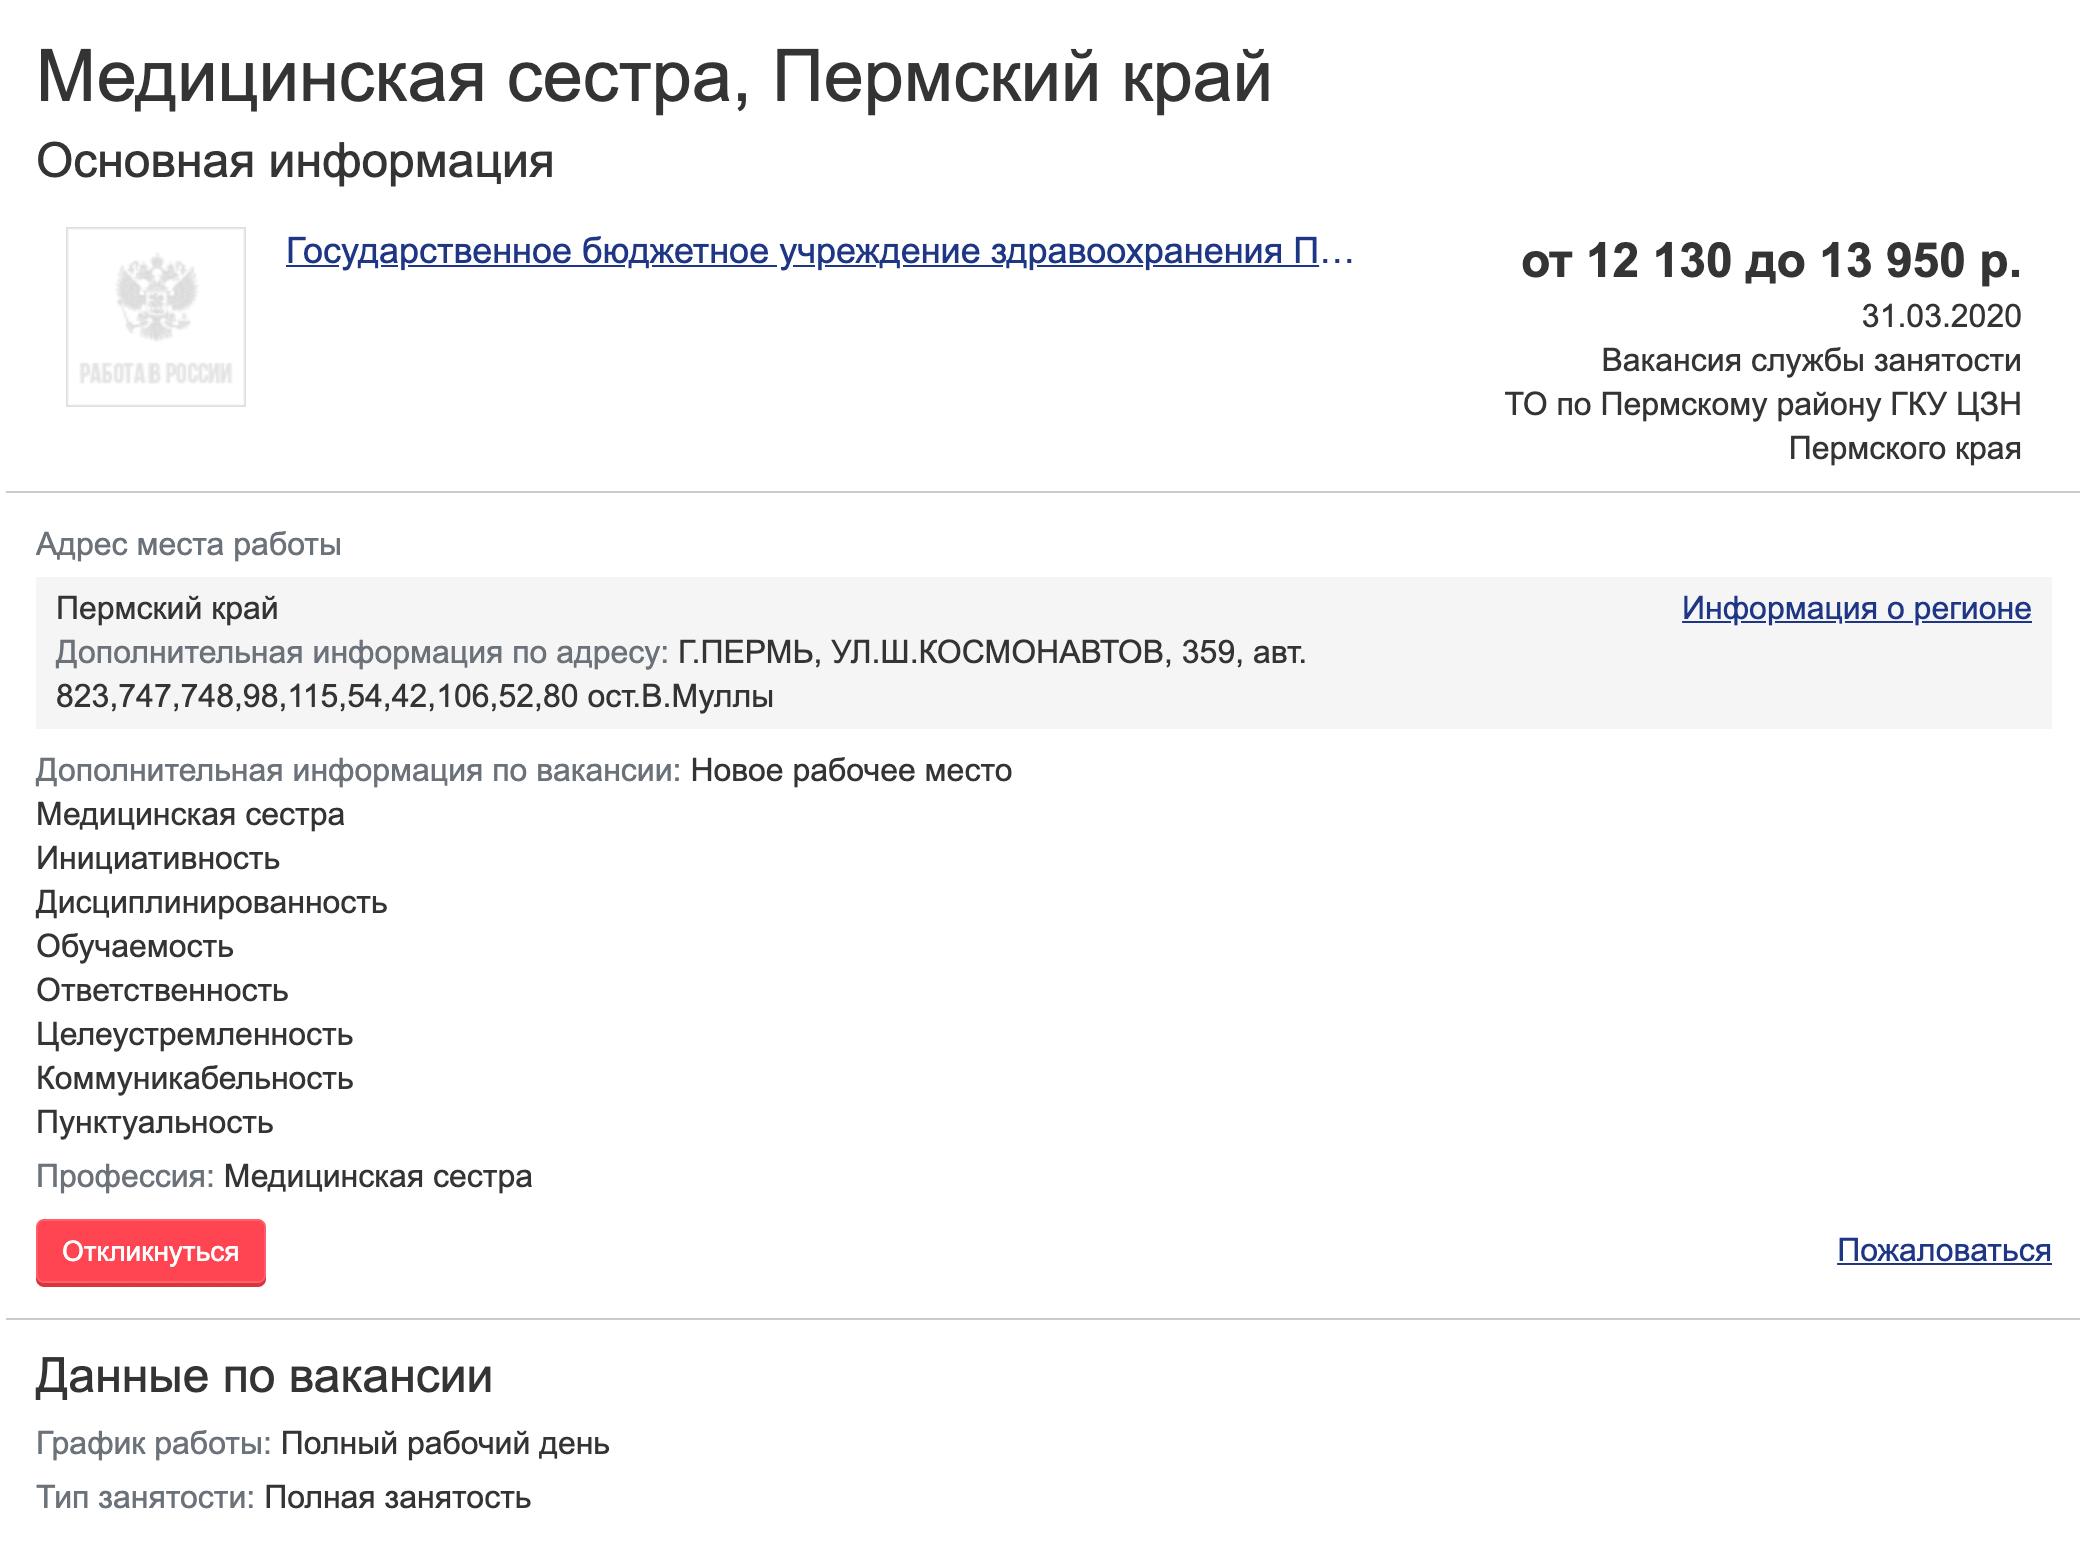 Медсестра в&nbsp;кабинете стоматолога в&nbsp;Пермской центральной районной больнице может зарабатывать до&nbsp;13&nbsp;950&nbsp;<span class=ruble>Р</span> в&nbsp;месяц. Средняя зарплата по региону — 37&nbsp;тысяч